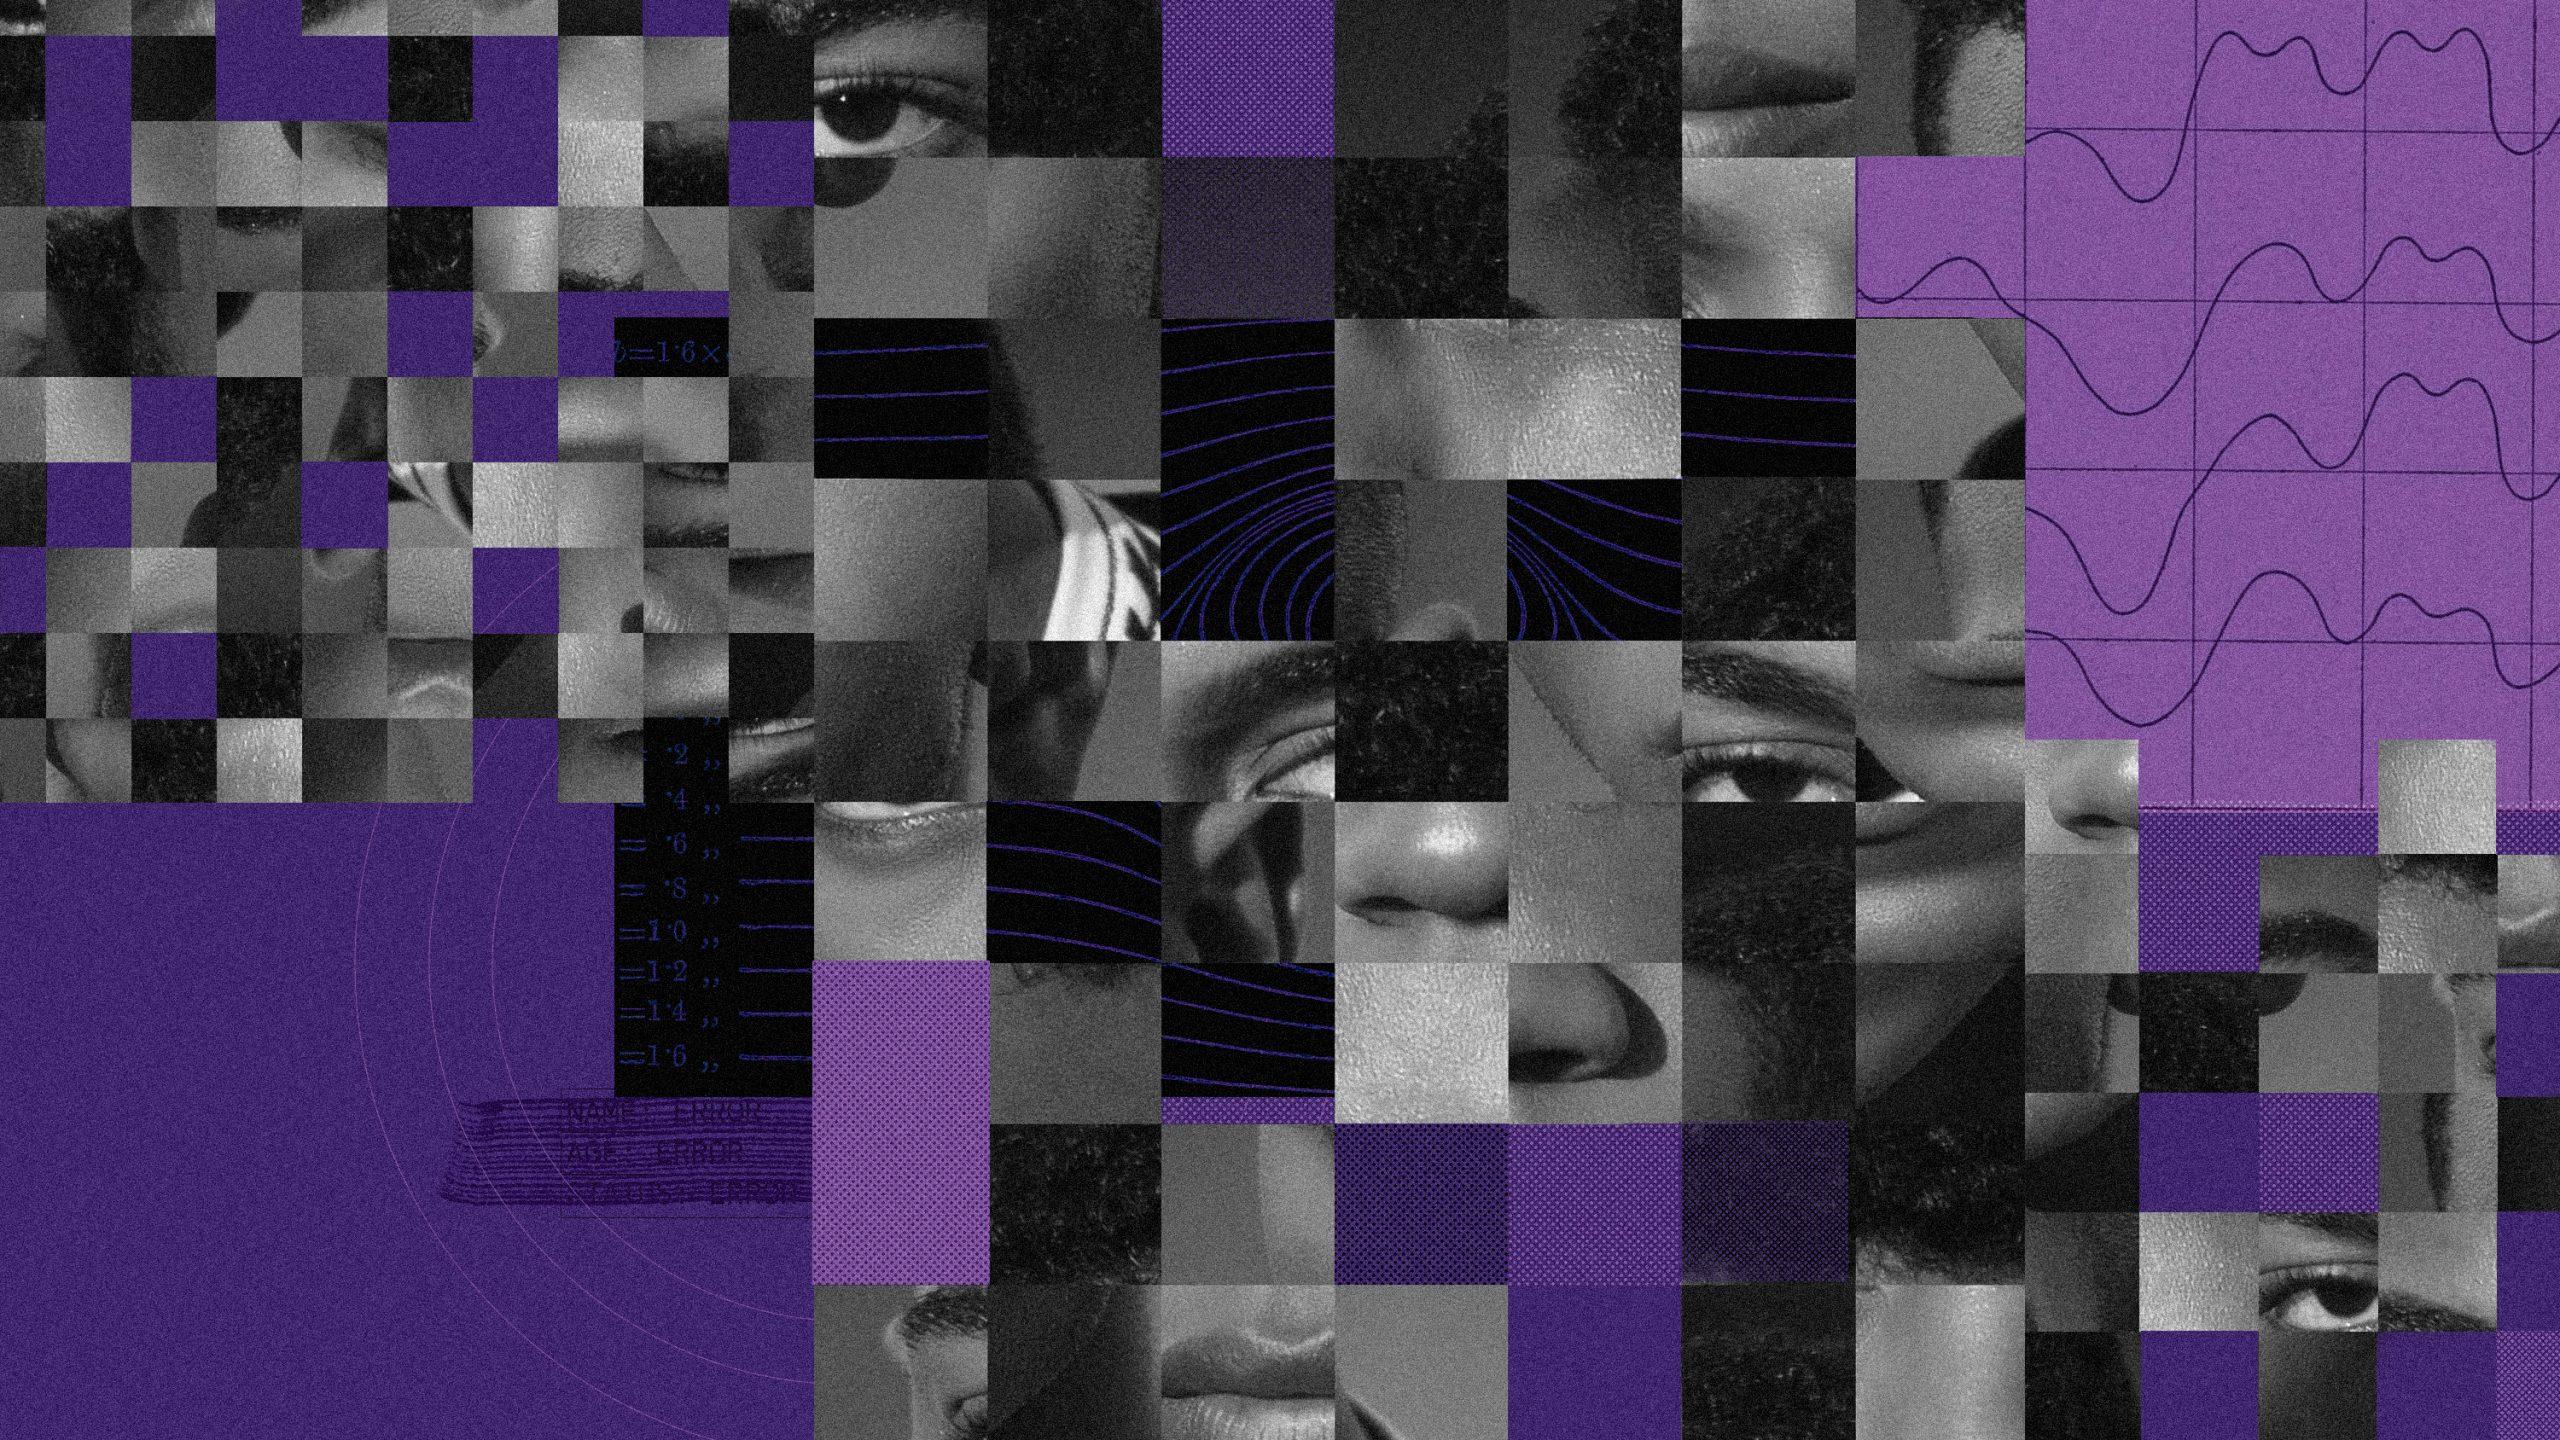 パンデミックで露呈した顔認識システムの限界